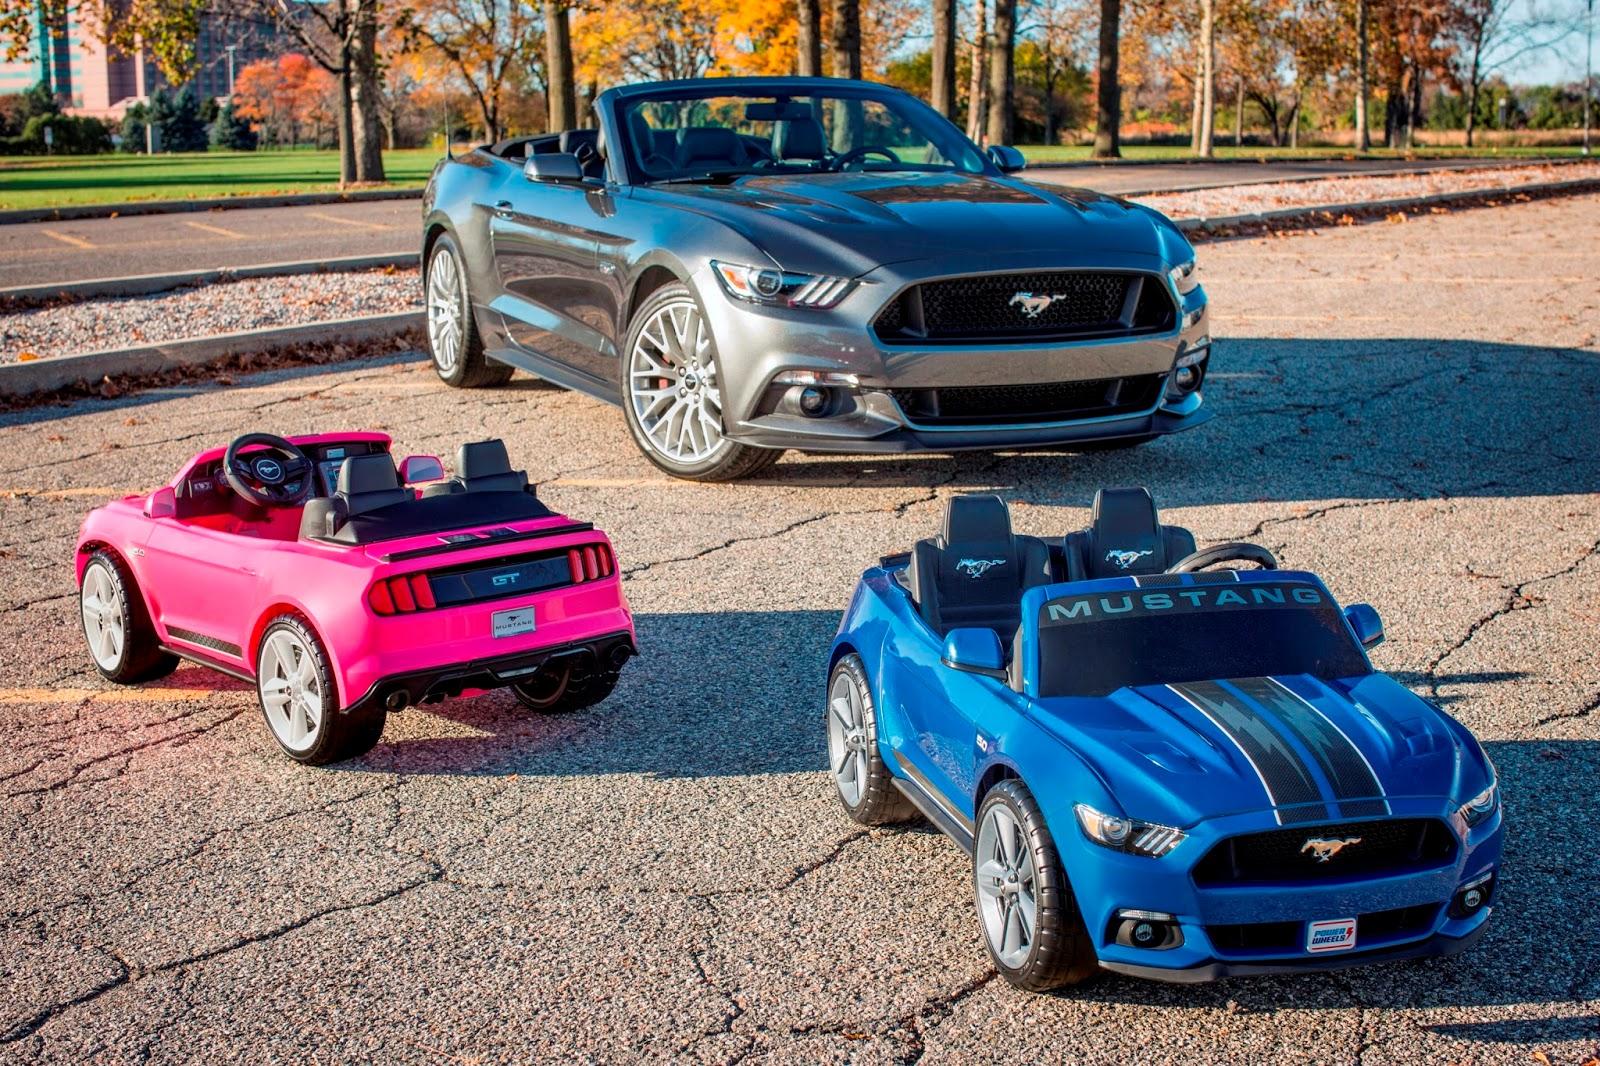 PowerWheels 7770 HR Το καλύτερο δώρο για παιδιά είναι μια... Mustang! Ford, Ford Mustang, Ford Mustang GT, Fun, Game, Kids, videos